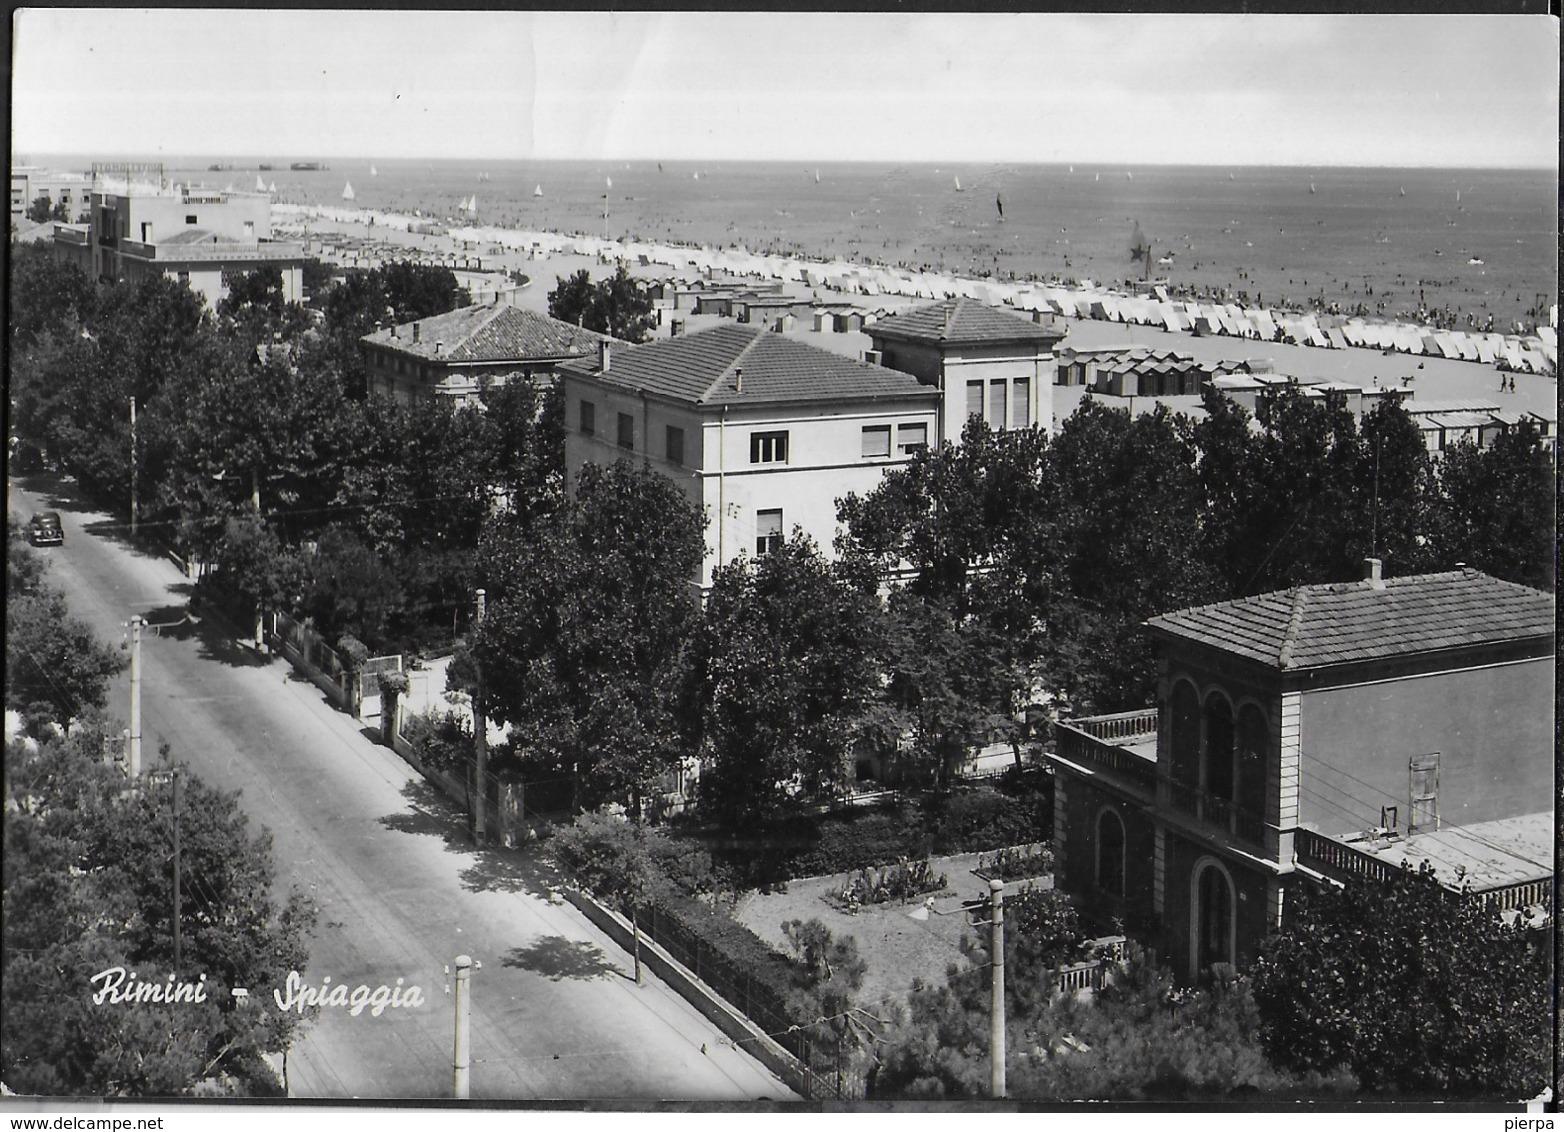 EMILIA ROMAGNA - RIMINI  - LA SPIAGGIA  - VIAGGIATA 1954 FRANCOBOLLO ASPORTATO - Rimini